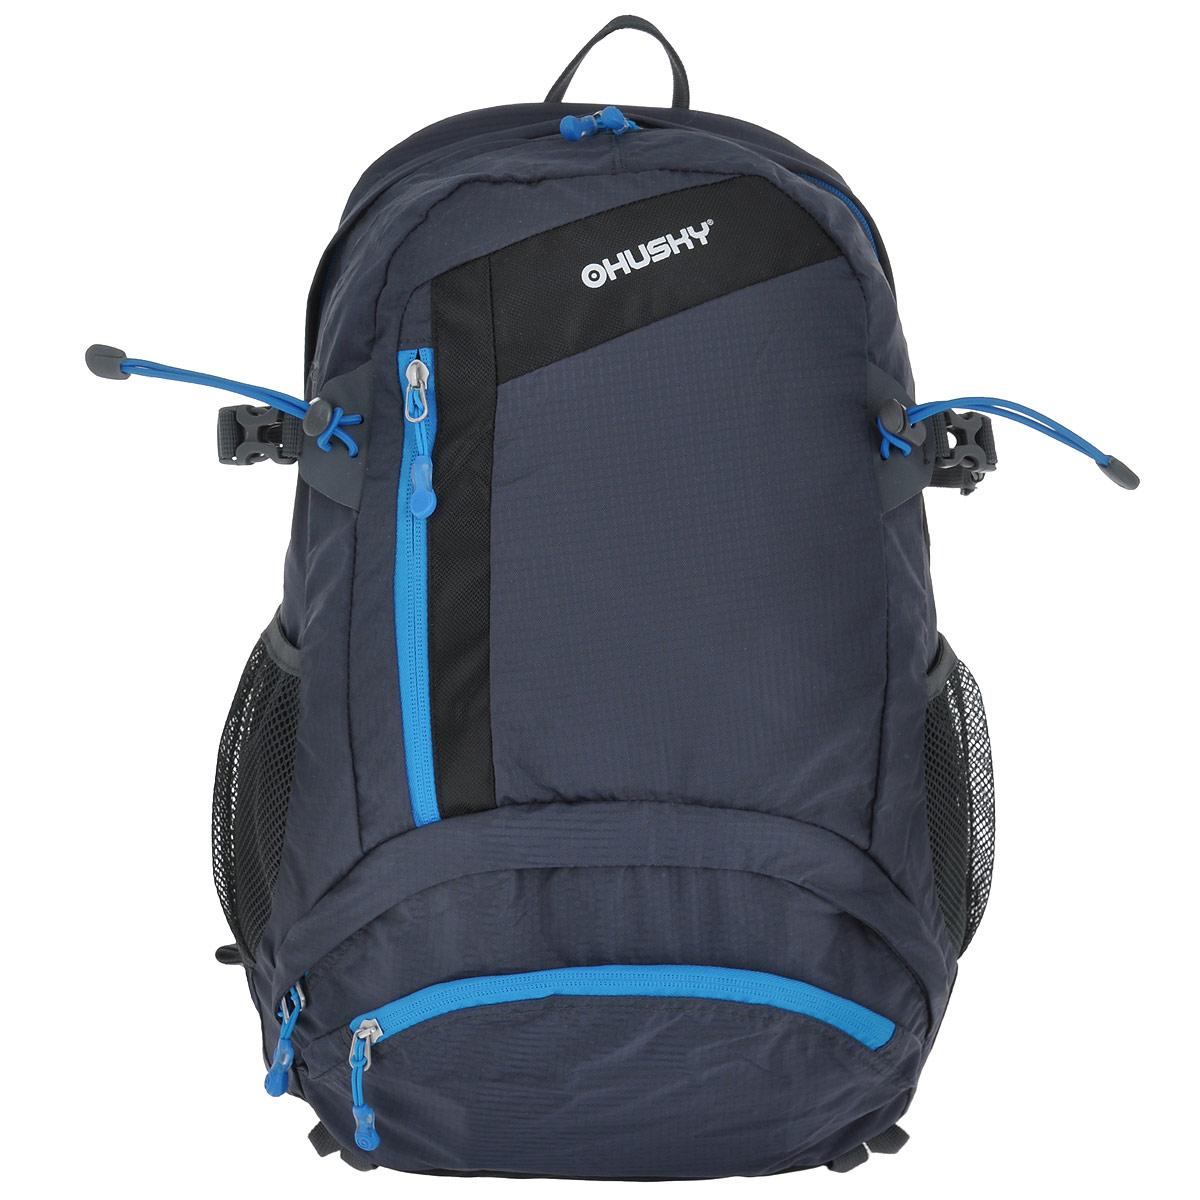 Рюкзак туристический Husky Stingy, цвет: серый, черный, синий, 28 лУТ-000053013Рюкзак Husky Stingy - незаменимый атрибут туриста! Он выполнен из нейлона и оснащен светоотражательными элементами. Благодаря своей конструкции, такой рюкзак особенно понравится велосипедистам.С этим вместительным рюкзаком можно отправиться в любое путешествие. Его удобно носить за плечами благодаря широким лямкам, грудному ремню, ремню на поясе и жесткой выгнутой спинке с системой вентиляции спины. Основное отделение имеет объем 28 л. Доступ к нему открывается сверху (закрывается на застежку-молнию) и снизу (замок на застежке-молнии). Внутри главного отделения находится карман на резинке для гидратора.На лицевой стороне расположено 2 накладных кармана на молнии. По бокам рюкзака расположены 2 сетчатых кармана на резинке. На дне рюкзака находится карман с накидкой от дождя.Рюкзак Husky Stingy - отличный выбор как для велотуризма, так и для пеших путешествий. Вес: 980 г.